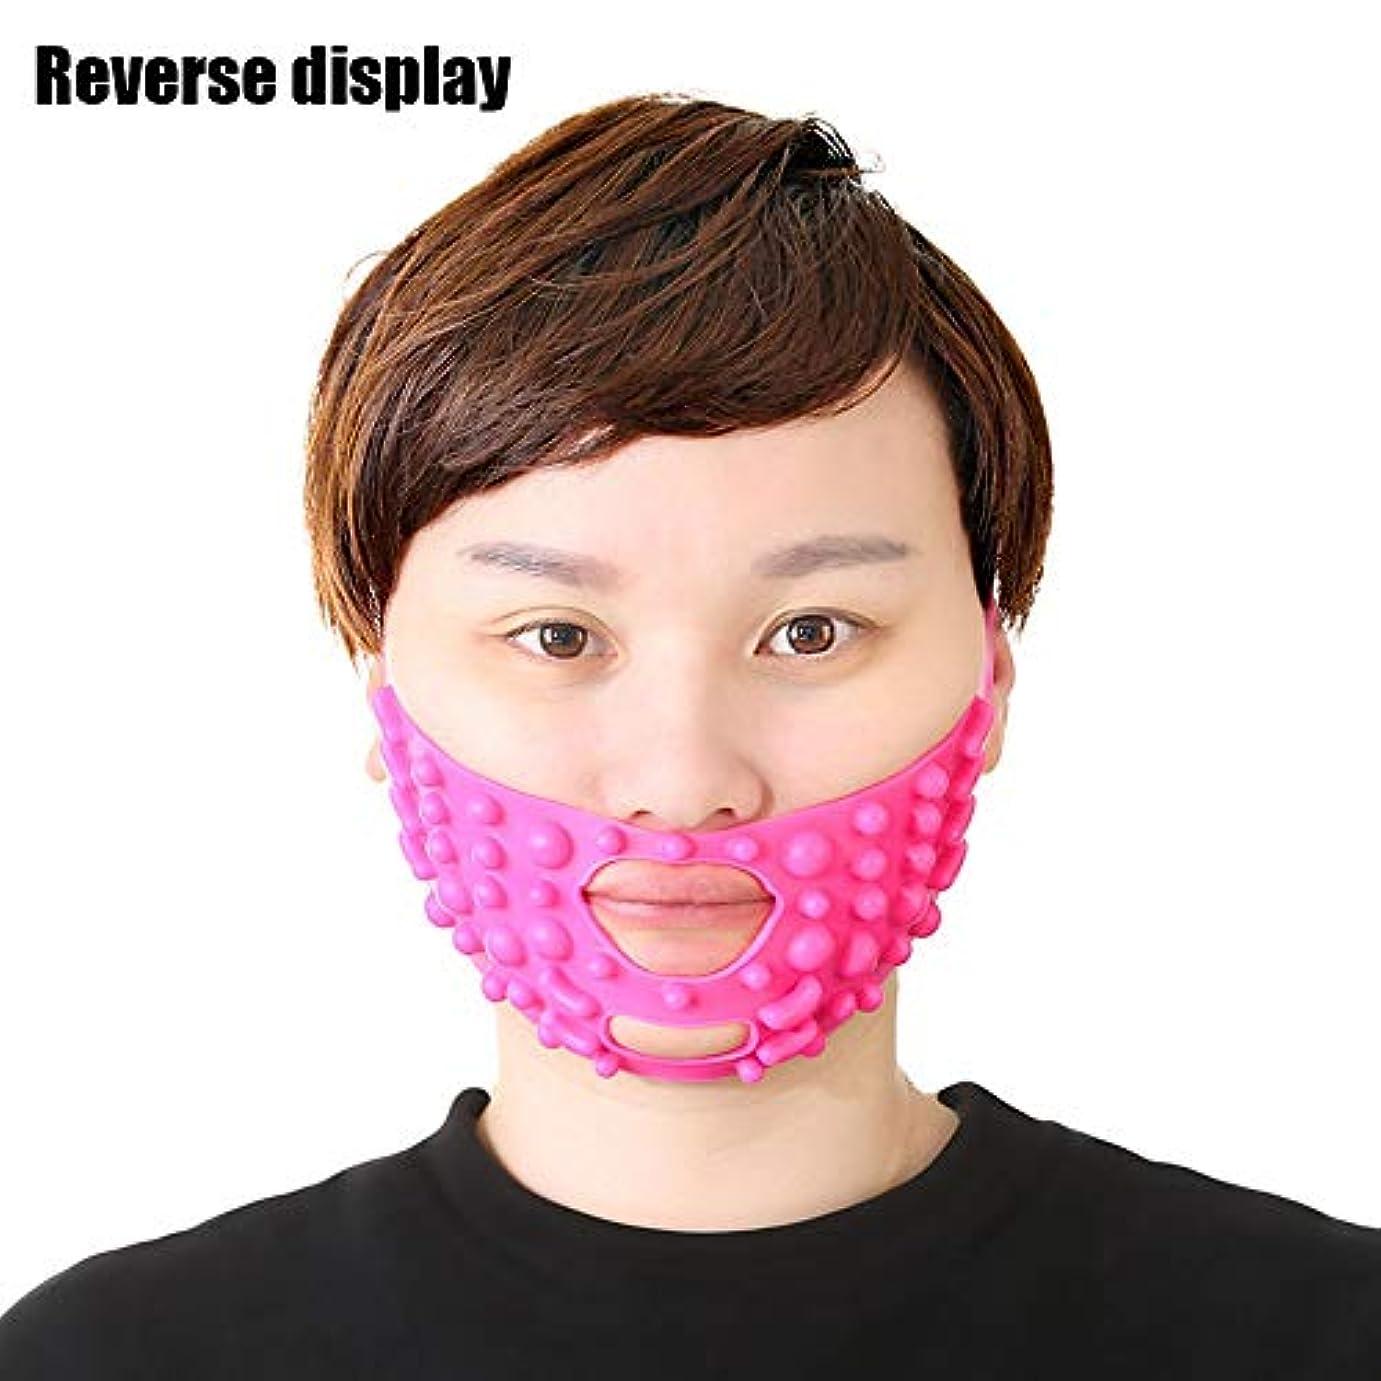 デコードする報酬の普遍的なフェイシャルマッサージ包帯、持ち上げ、引き締め、法則パターンを改善して小さなVフェイス/二重あごマスクを作成(ローズレッド)